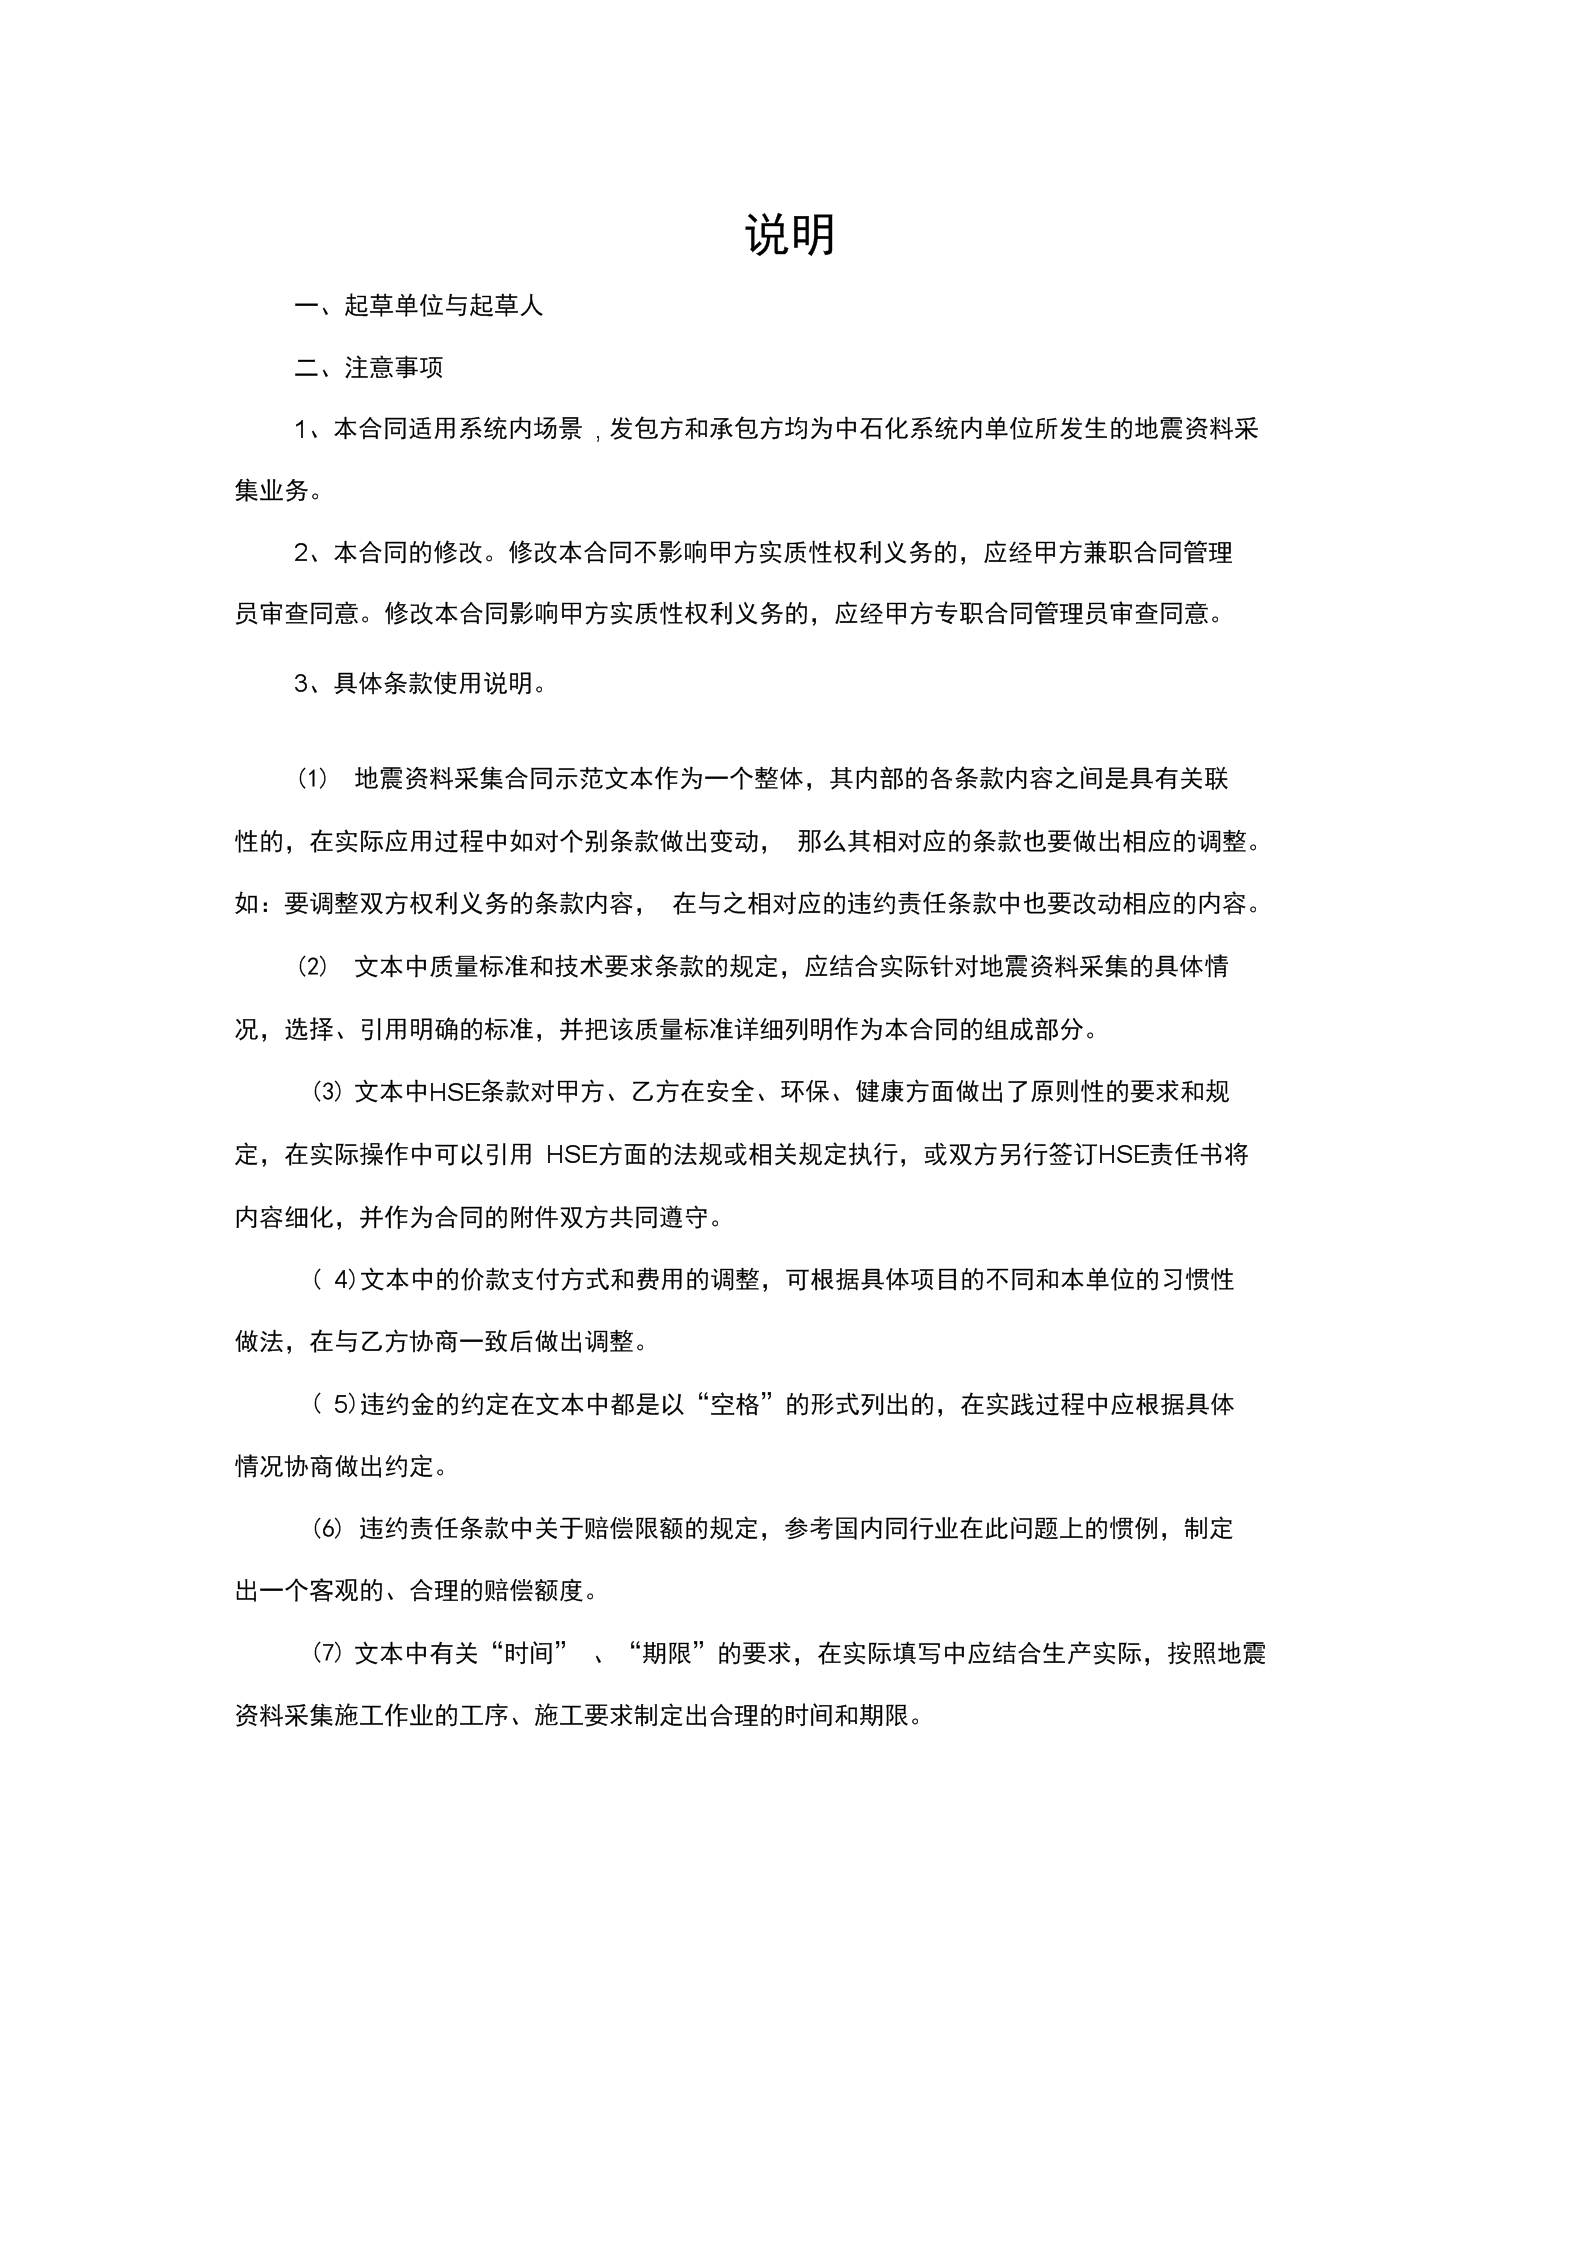 地震资料采集合同.docx